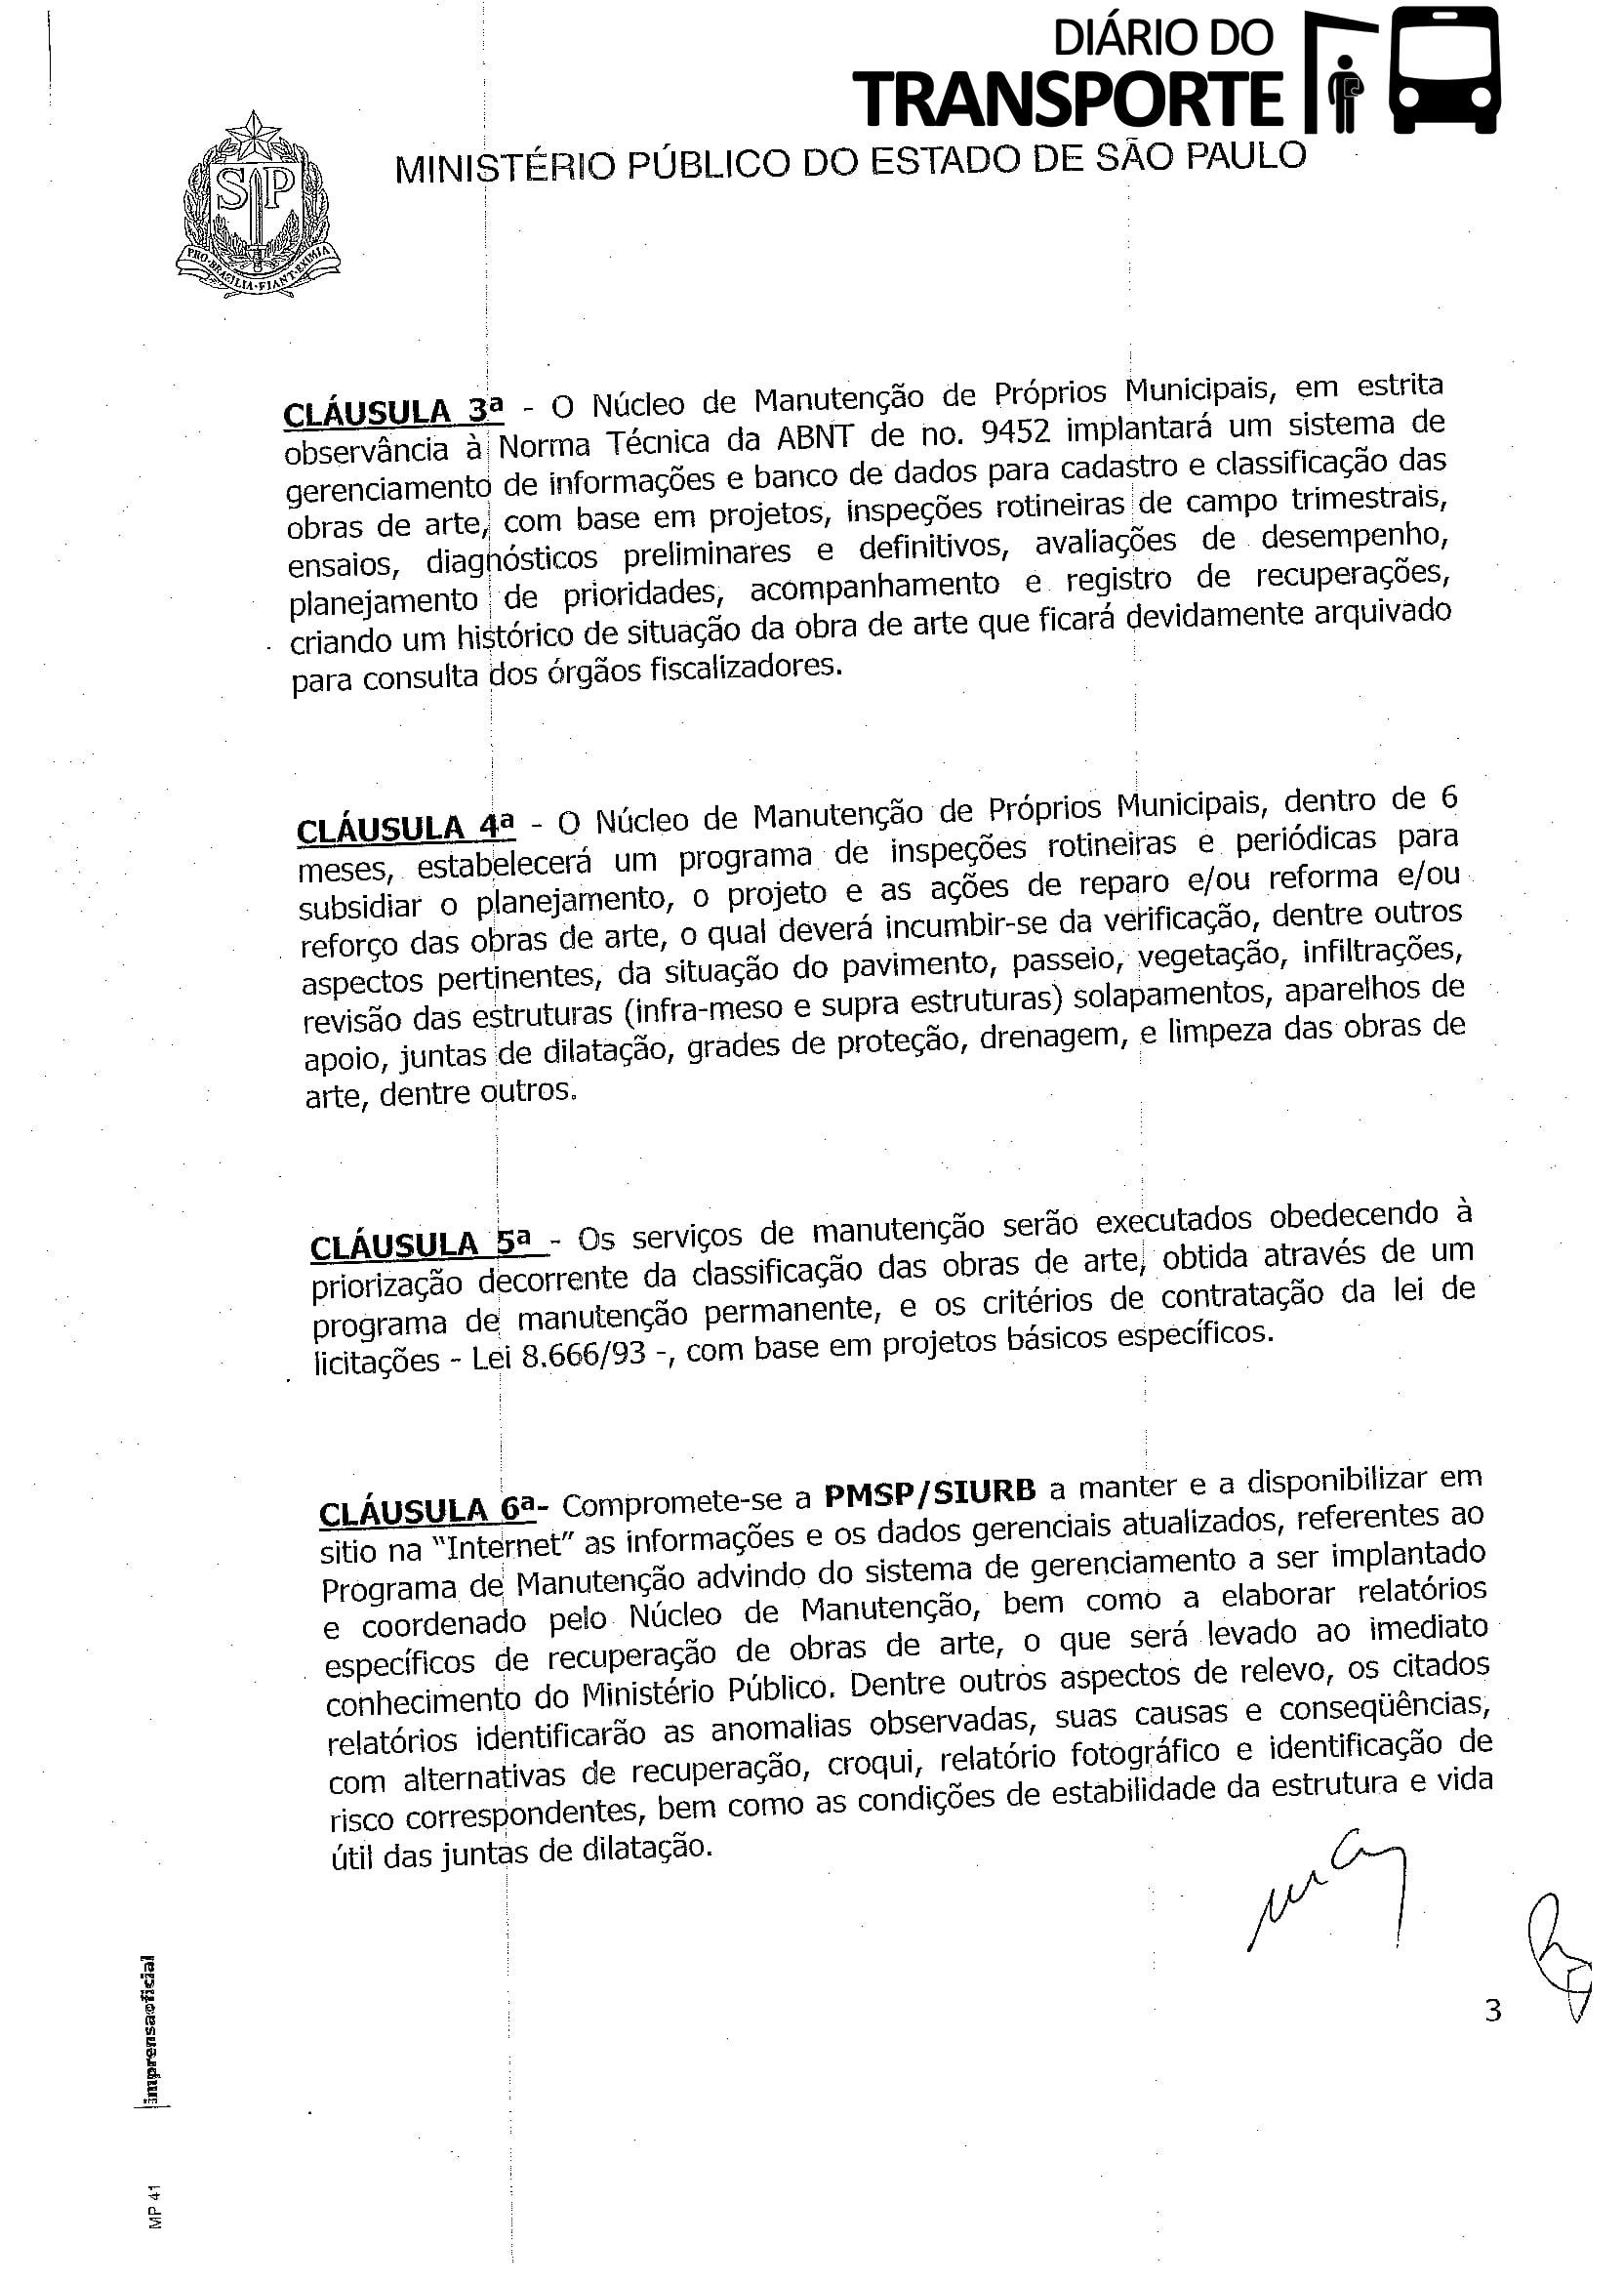 07 31 2007 TAC viadutos e pontes pj Haburb Amim Filho-3